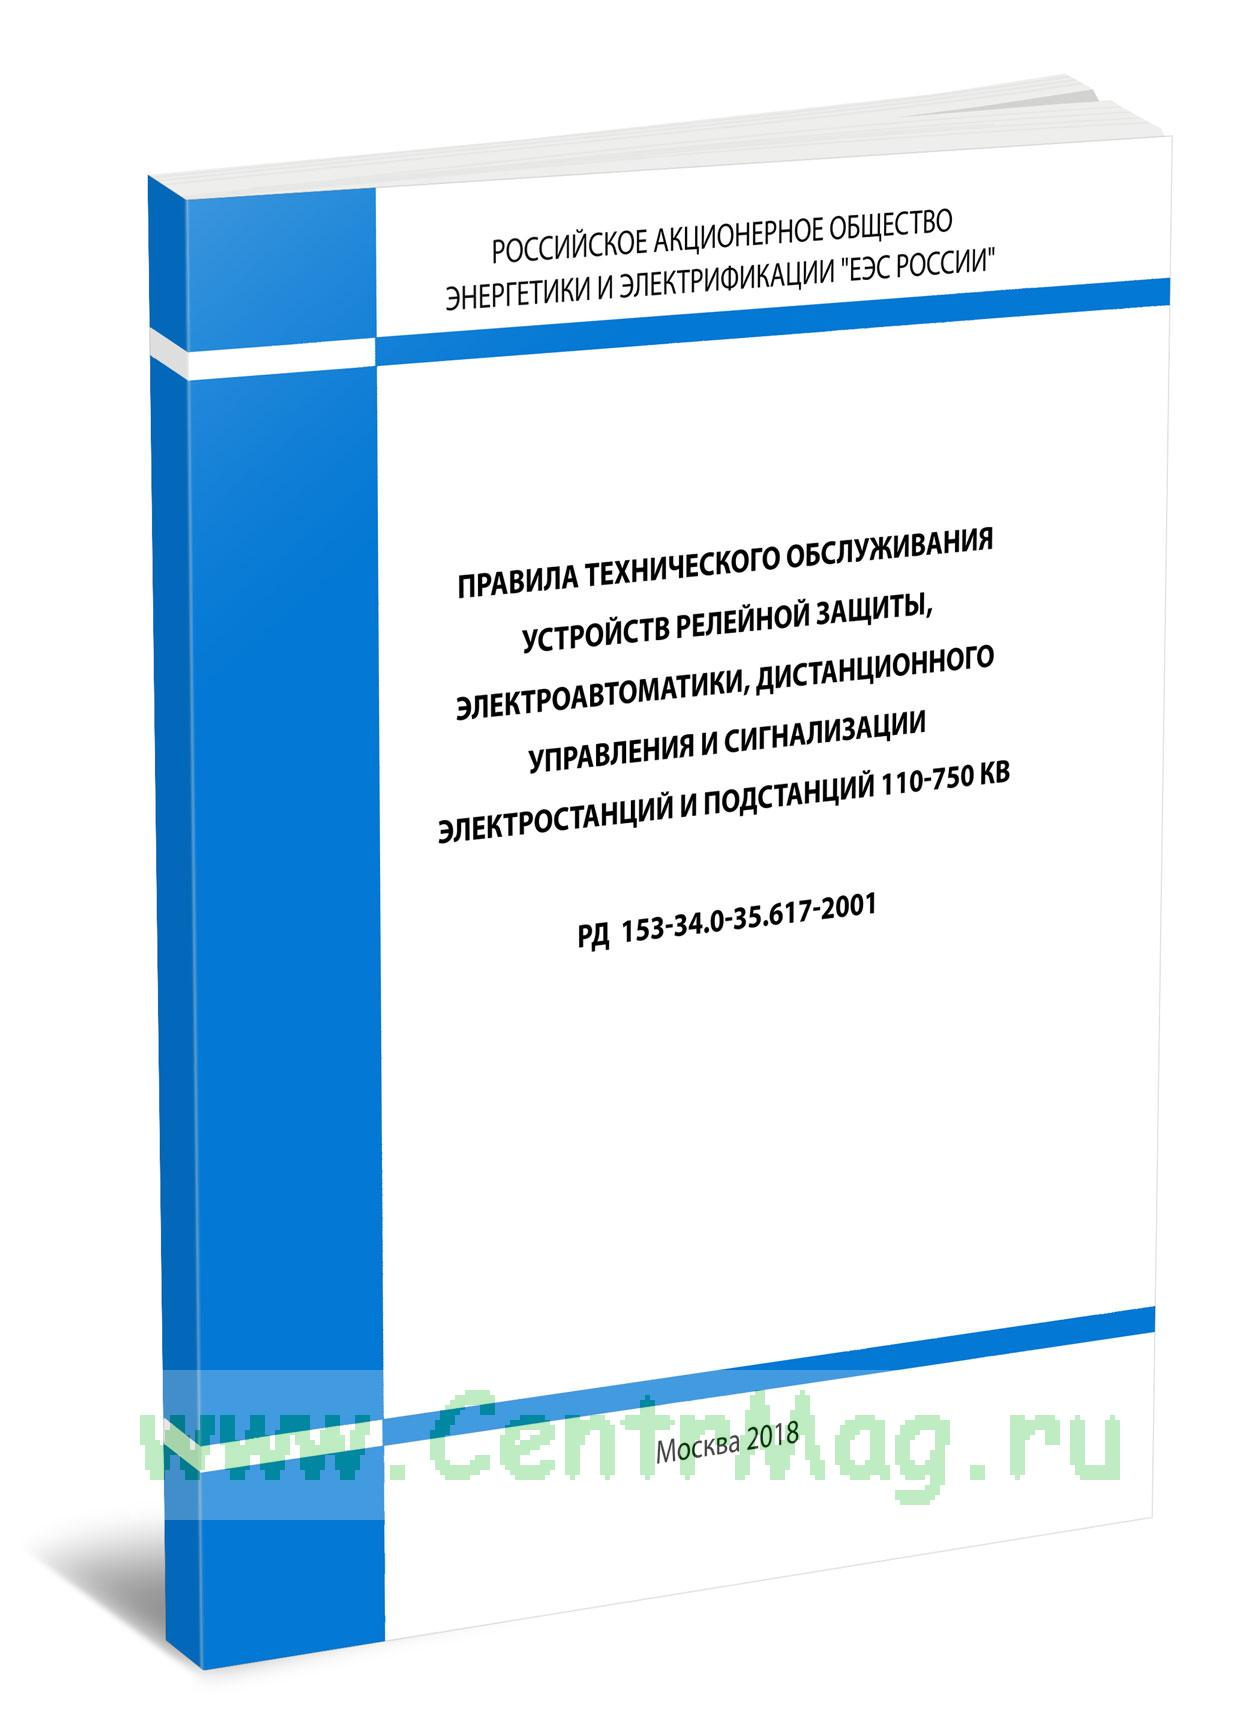 Правила технического обслуживания устройств релейной защиты, электроавтоматики, дистанционного управления и сигнализации электростанций и подстанций 110-750 кВ. РД 153-34.0-35.617-2001 2019 год. Последняя редакция